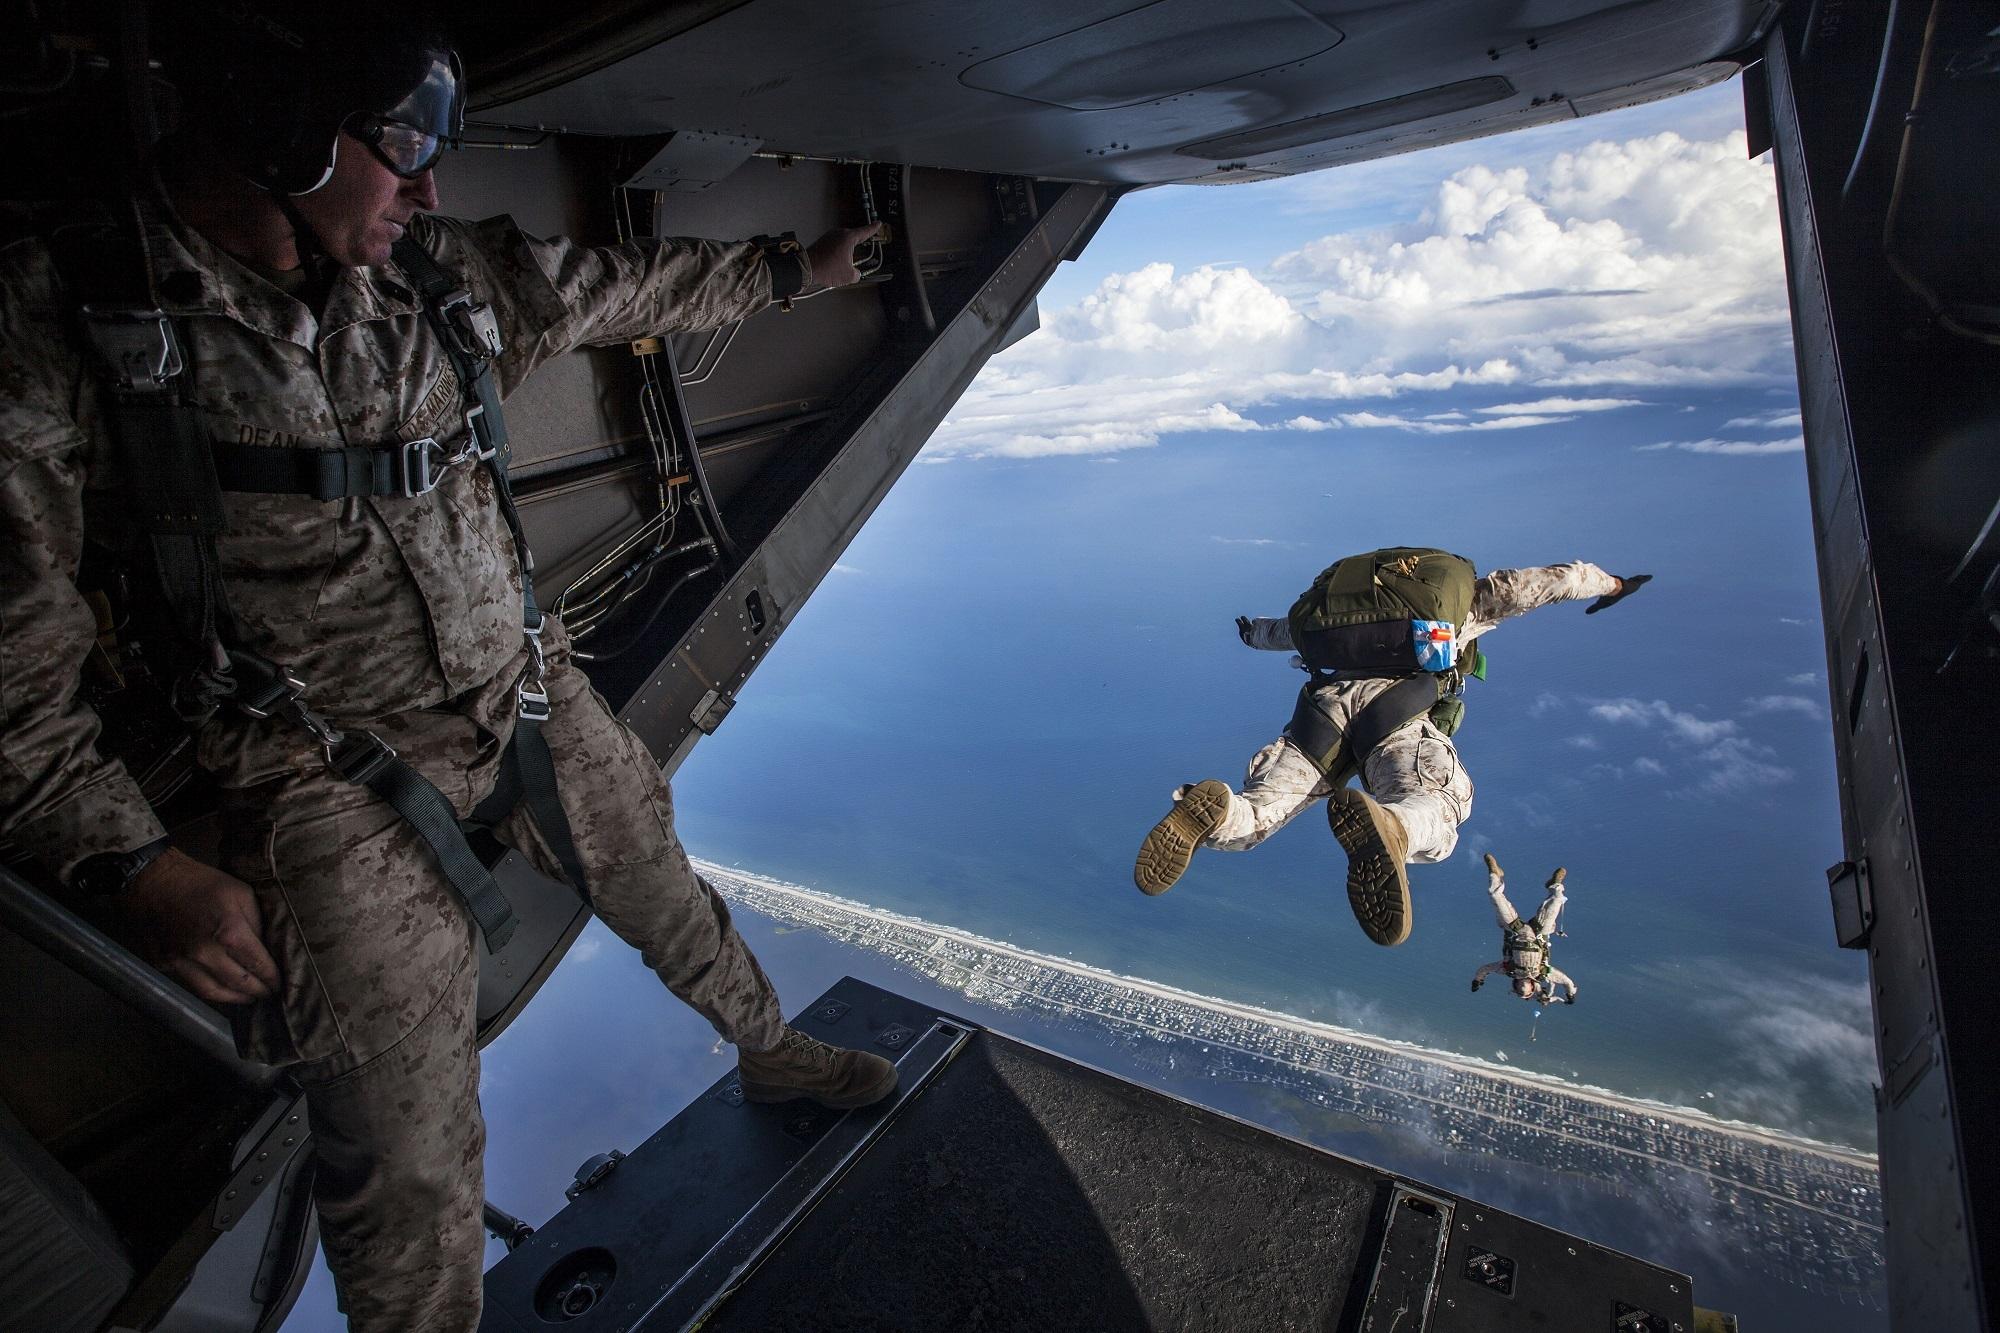 parachute, sauter, Armée de terre, Air, risque - Fonds d'écran HD - Professor-falken.com